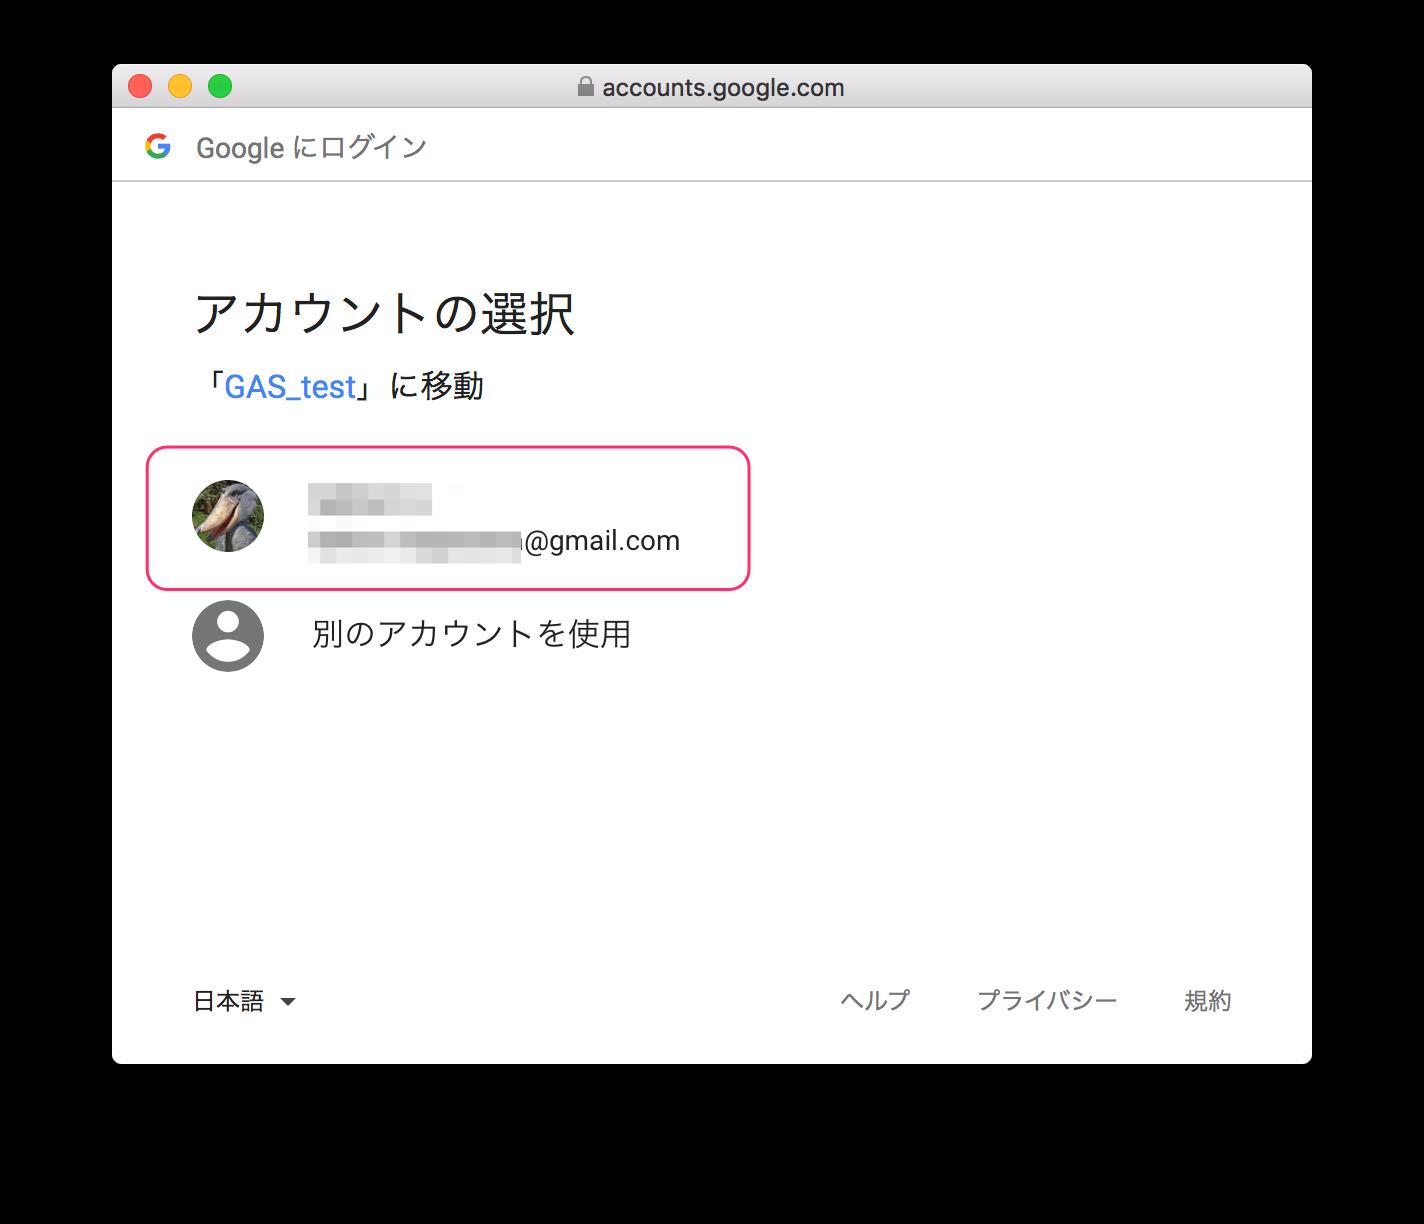 スクリーンショット_2018-06-10_15_17_58.png